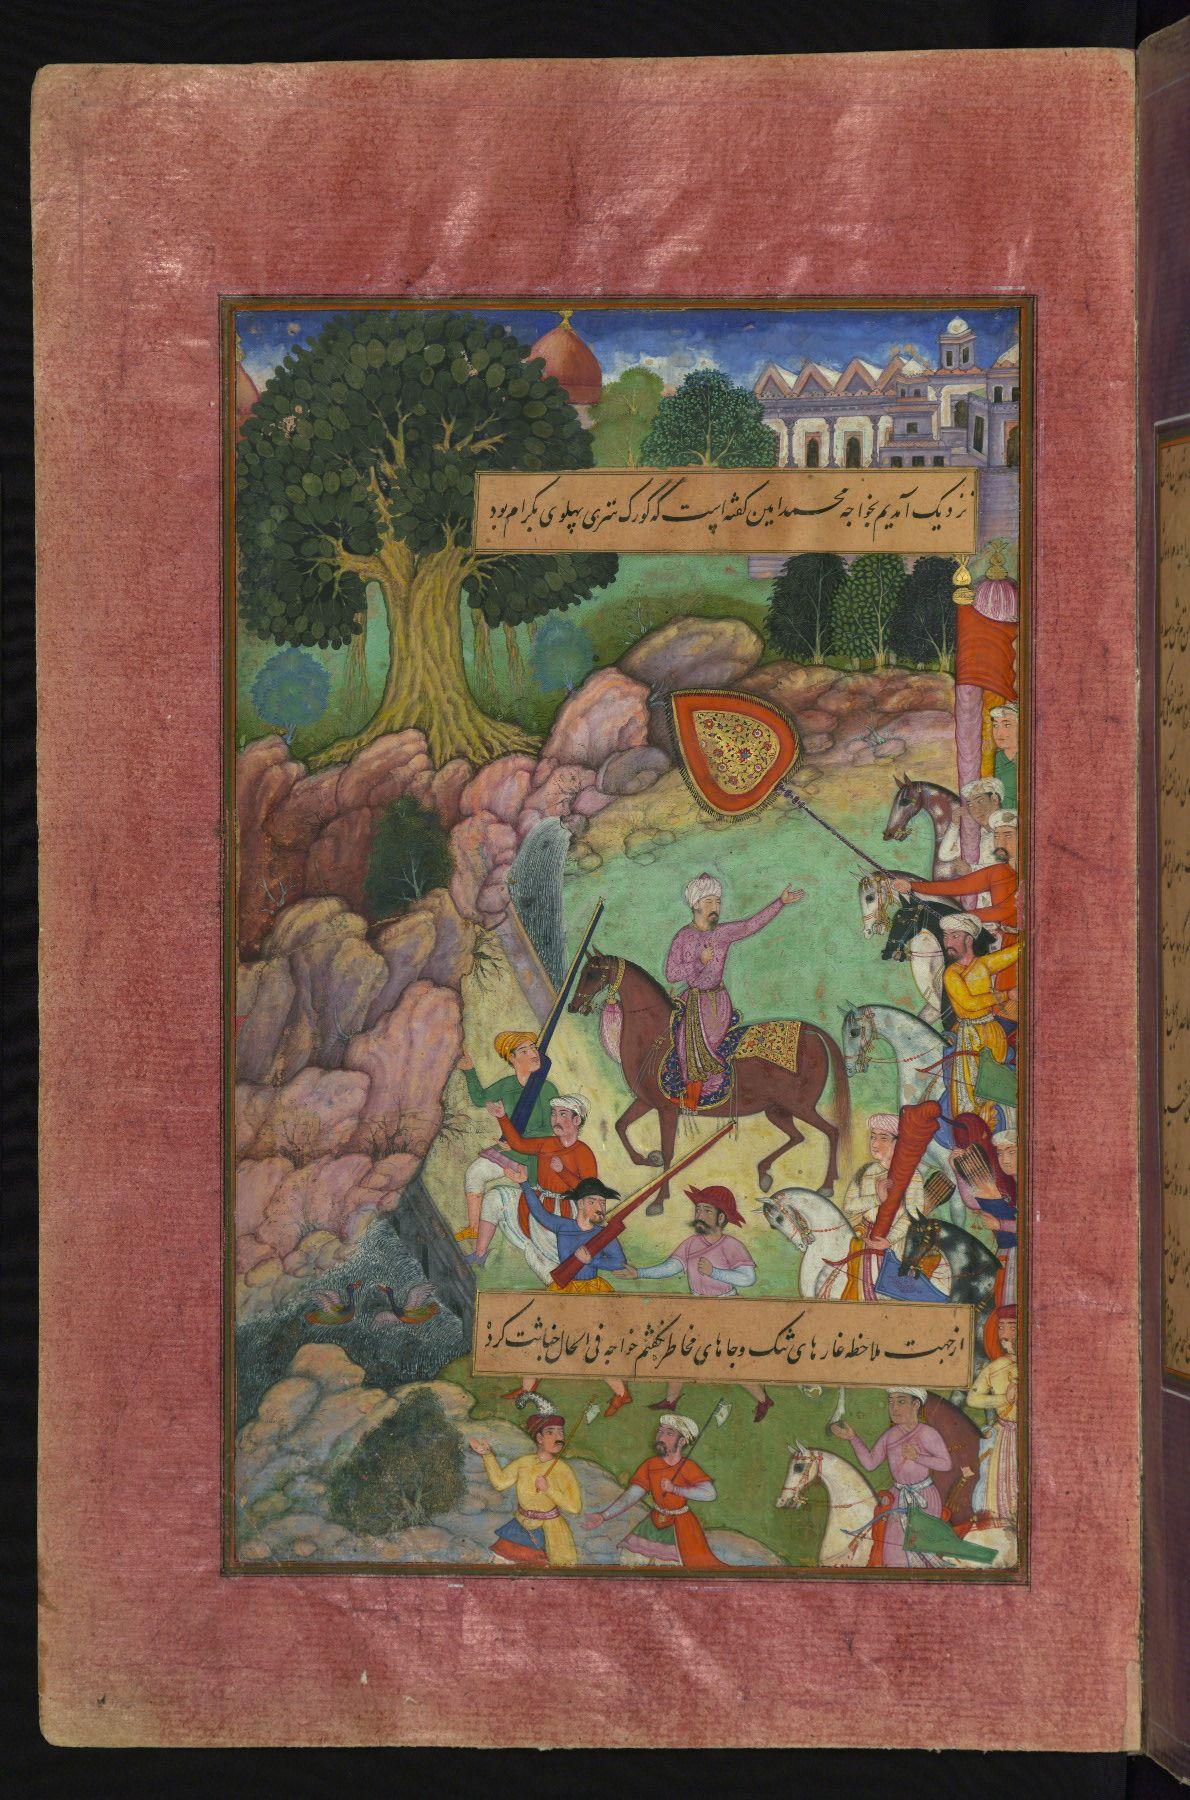 Illuminated manuscript from India